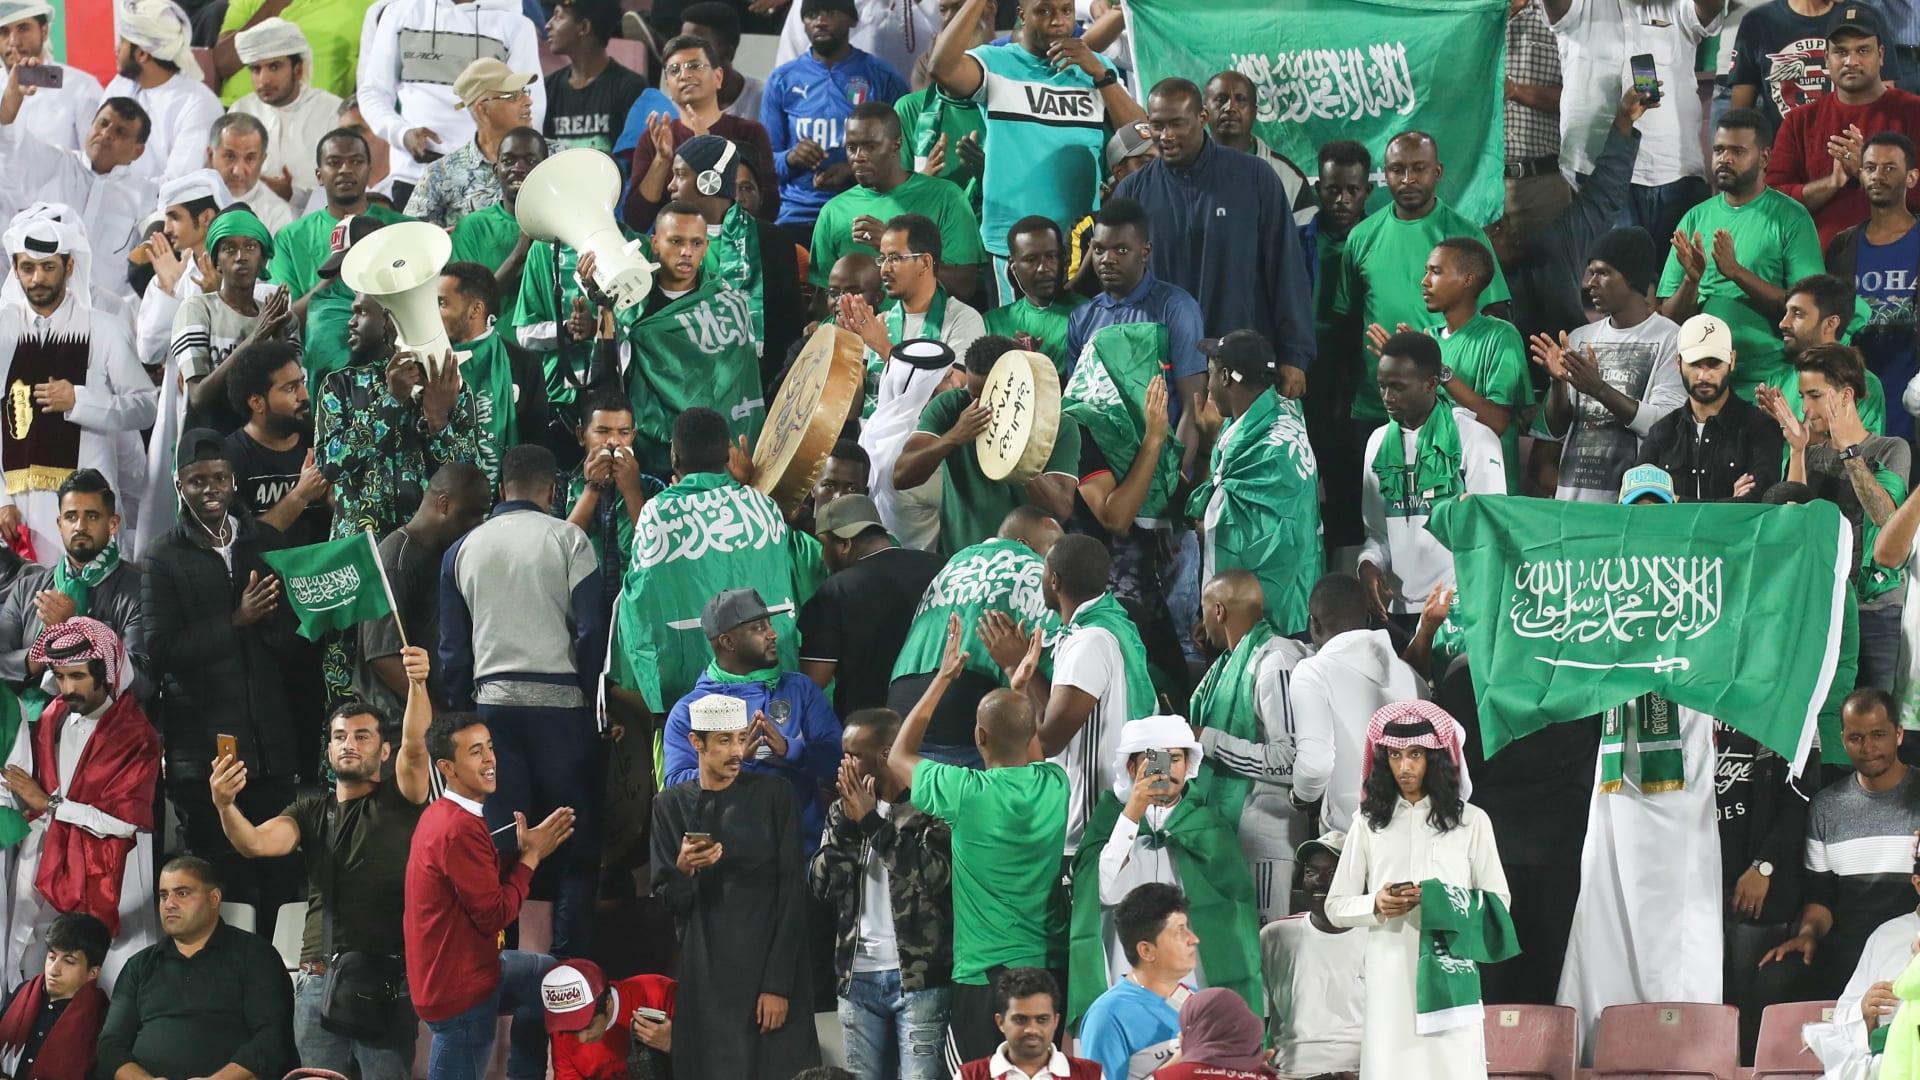 وزارة الرياضة السعودية تكشف ملابسات وفاة طفل في مباراة بدوري كأس الأمير محمد بن سلمان